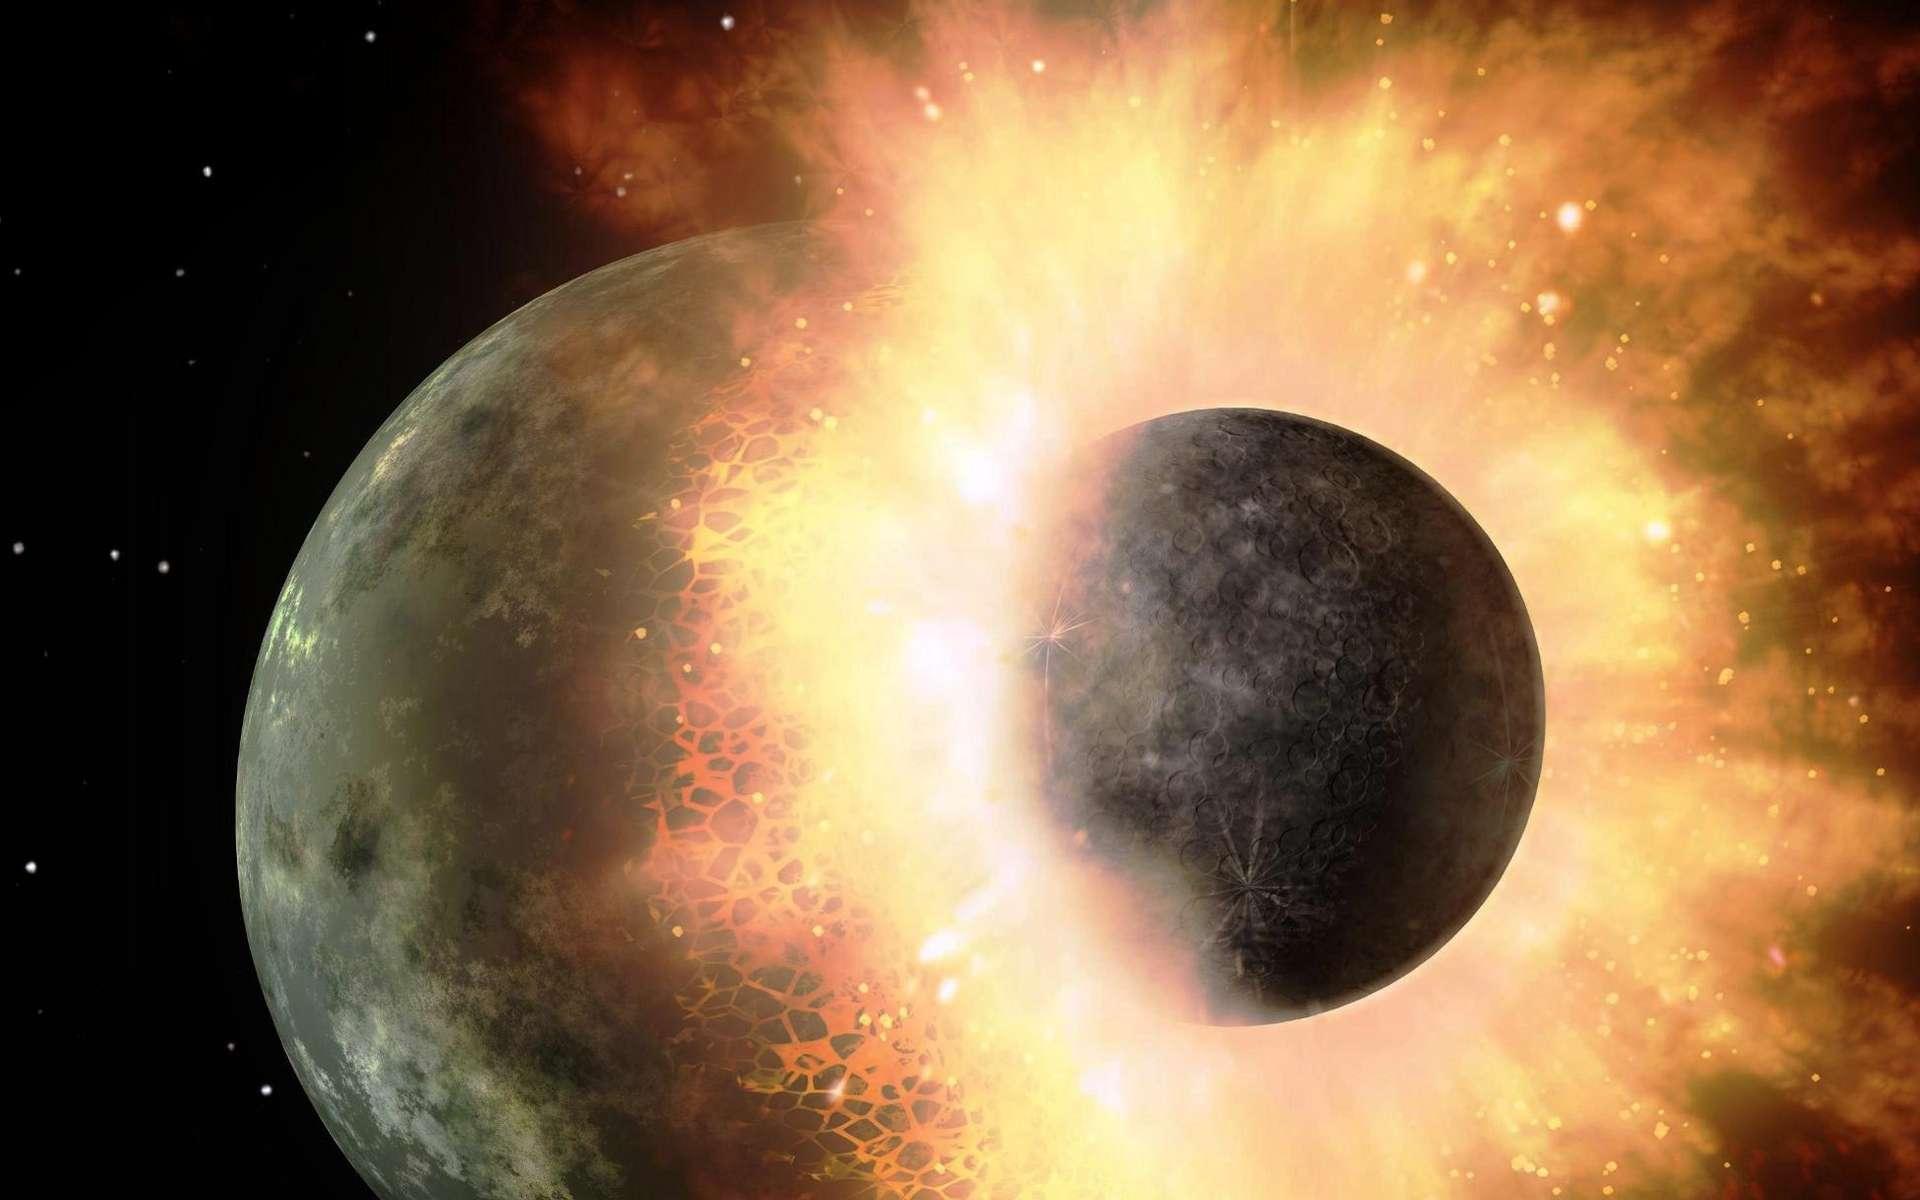 Une vue d'artiste d'une collision géante entre deux exoplanètes. © Nasa JPL-Caltech